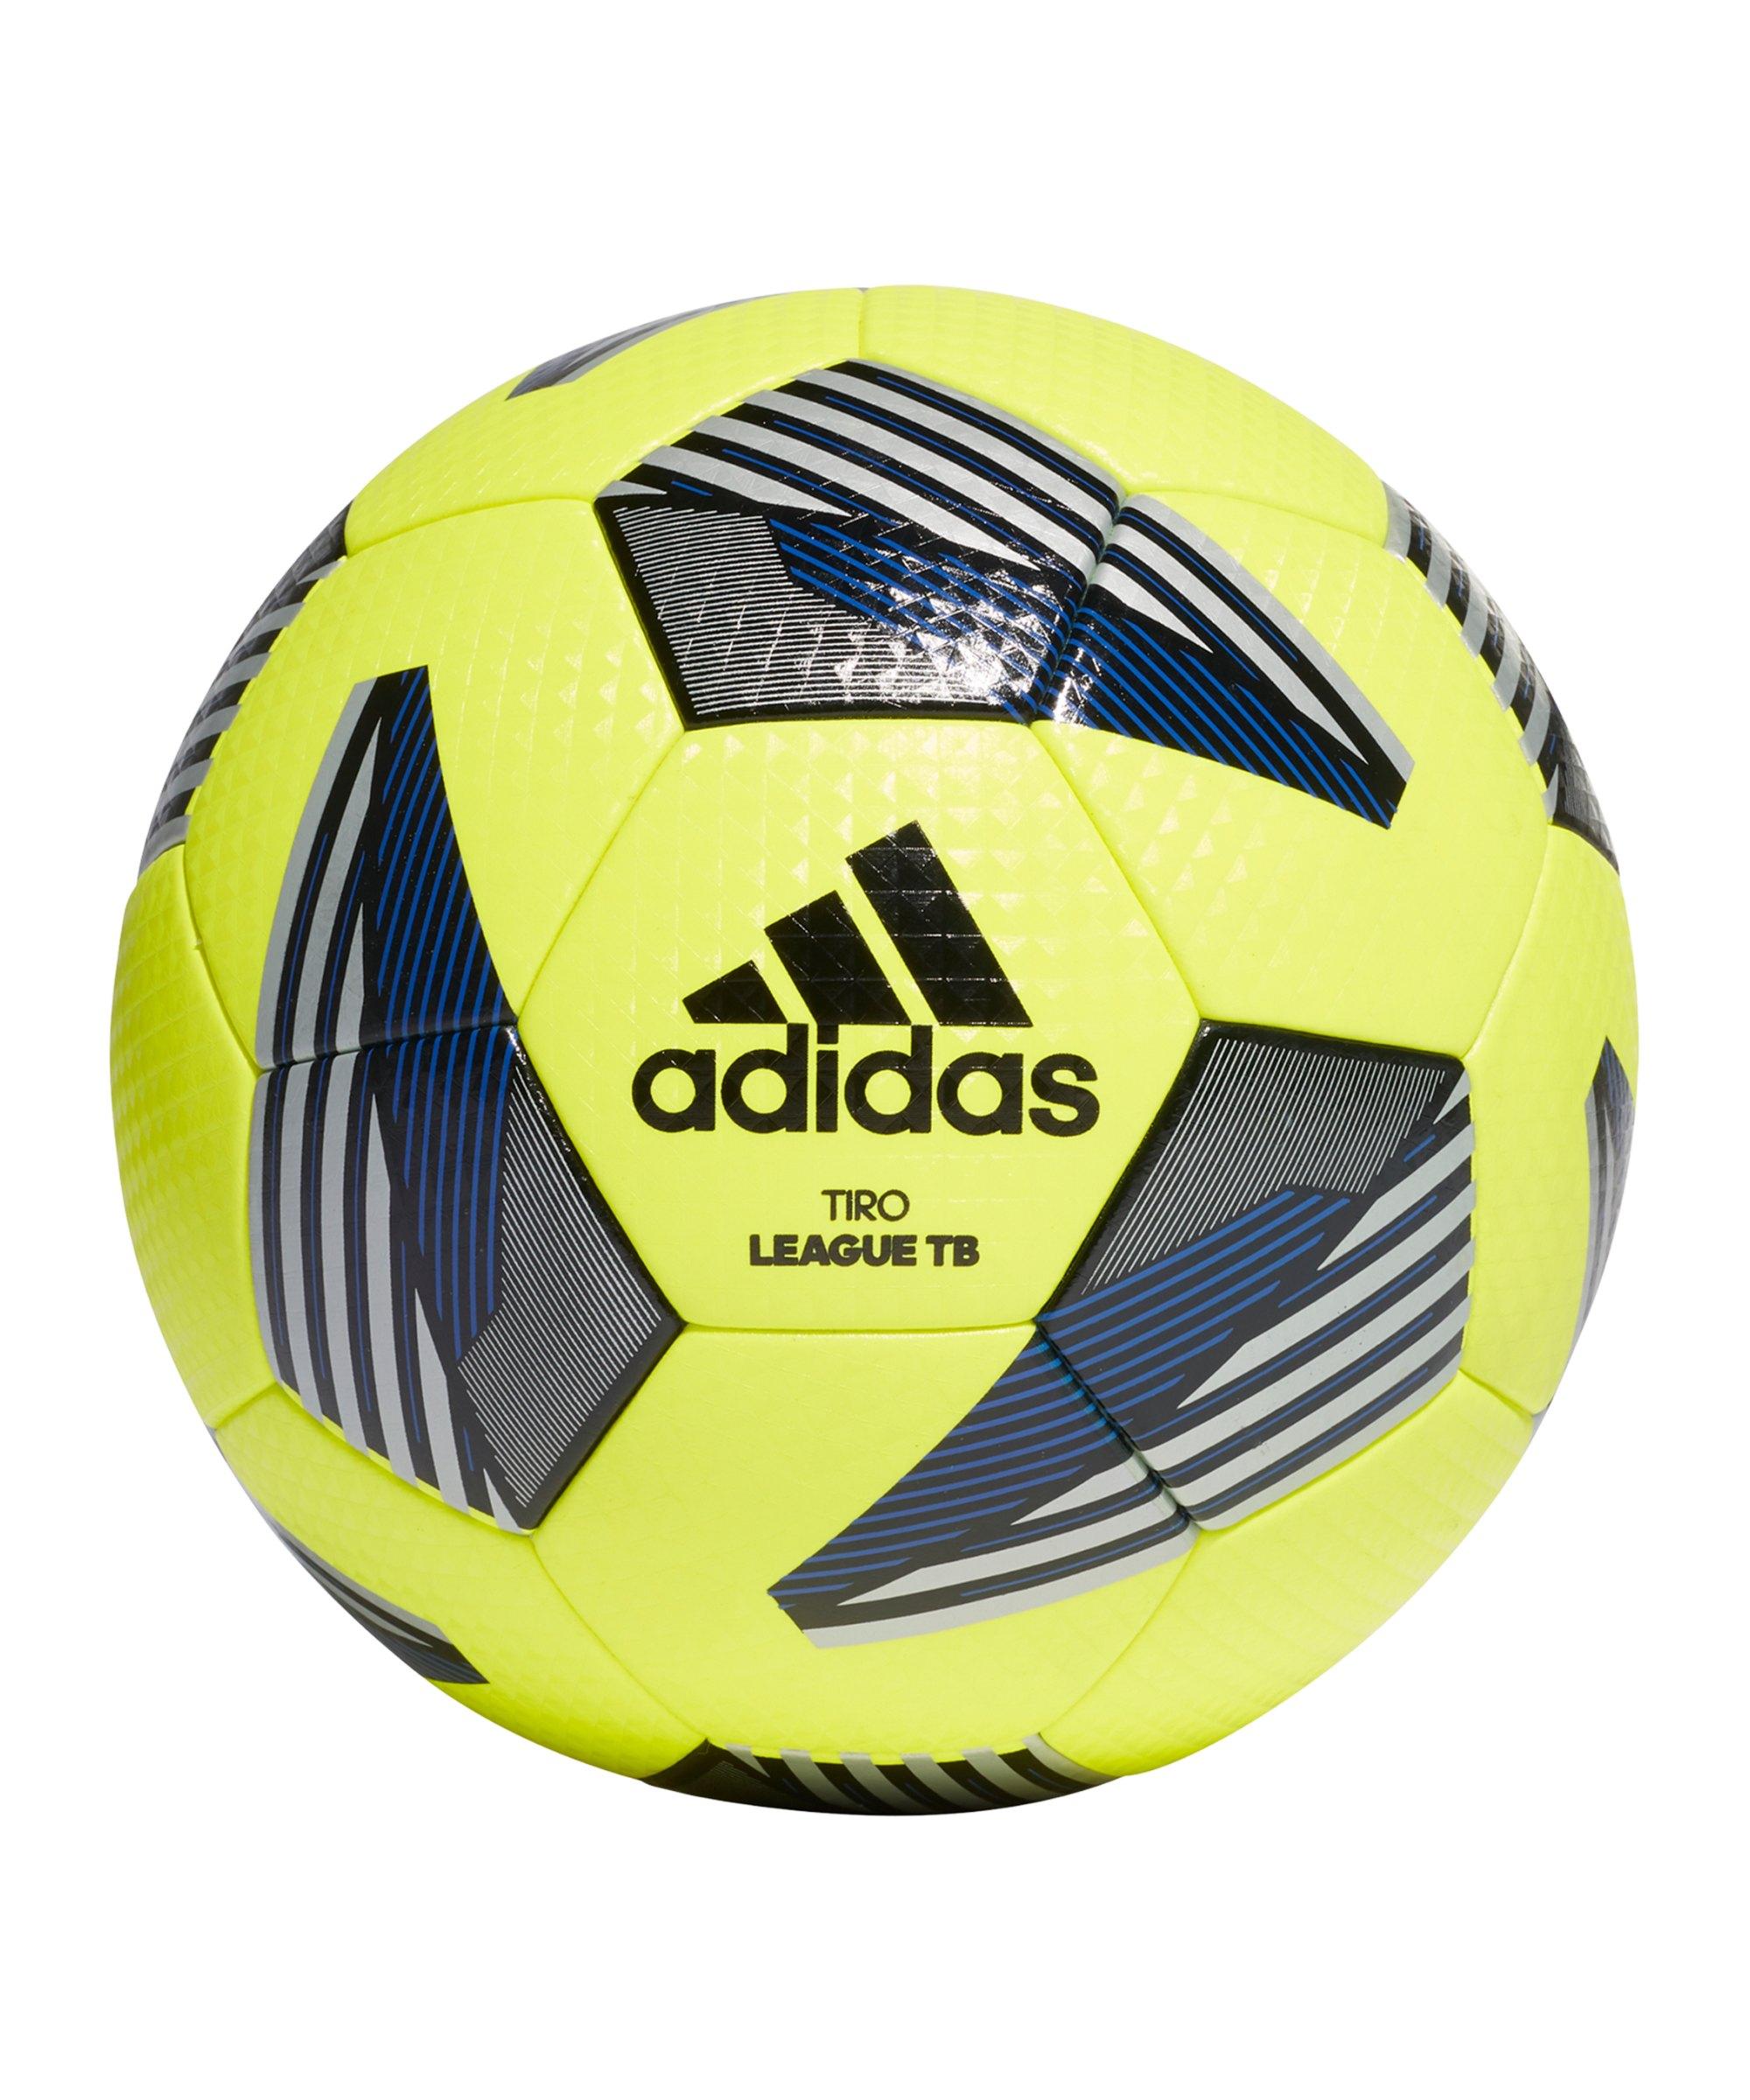 adidas Tiro League Trainingsball Gelb Blau - gelb